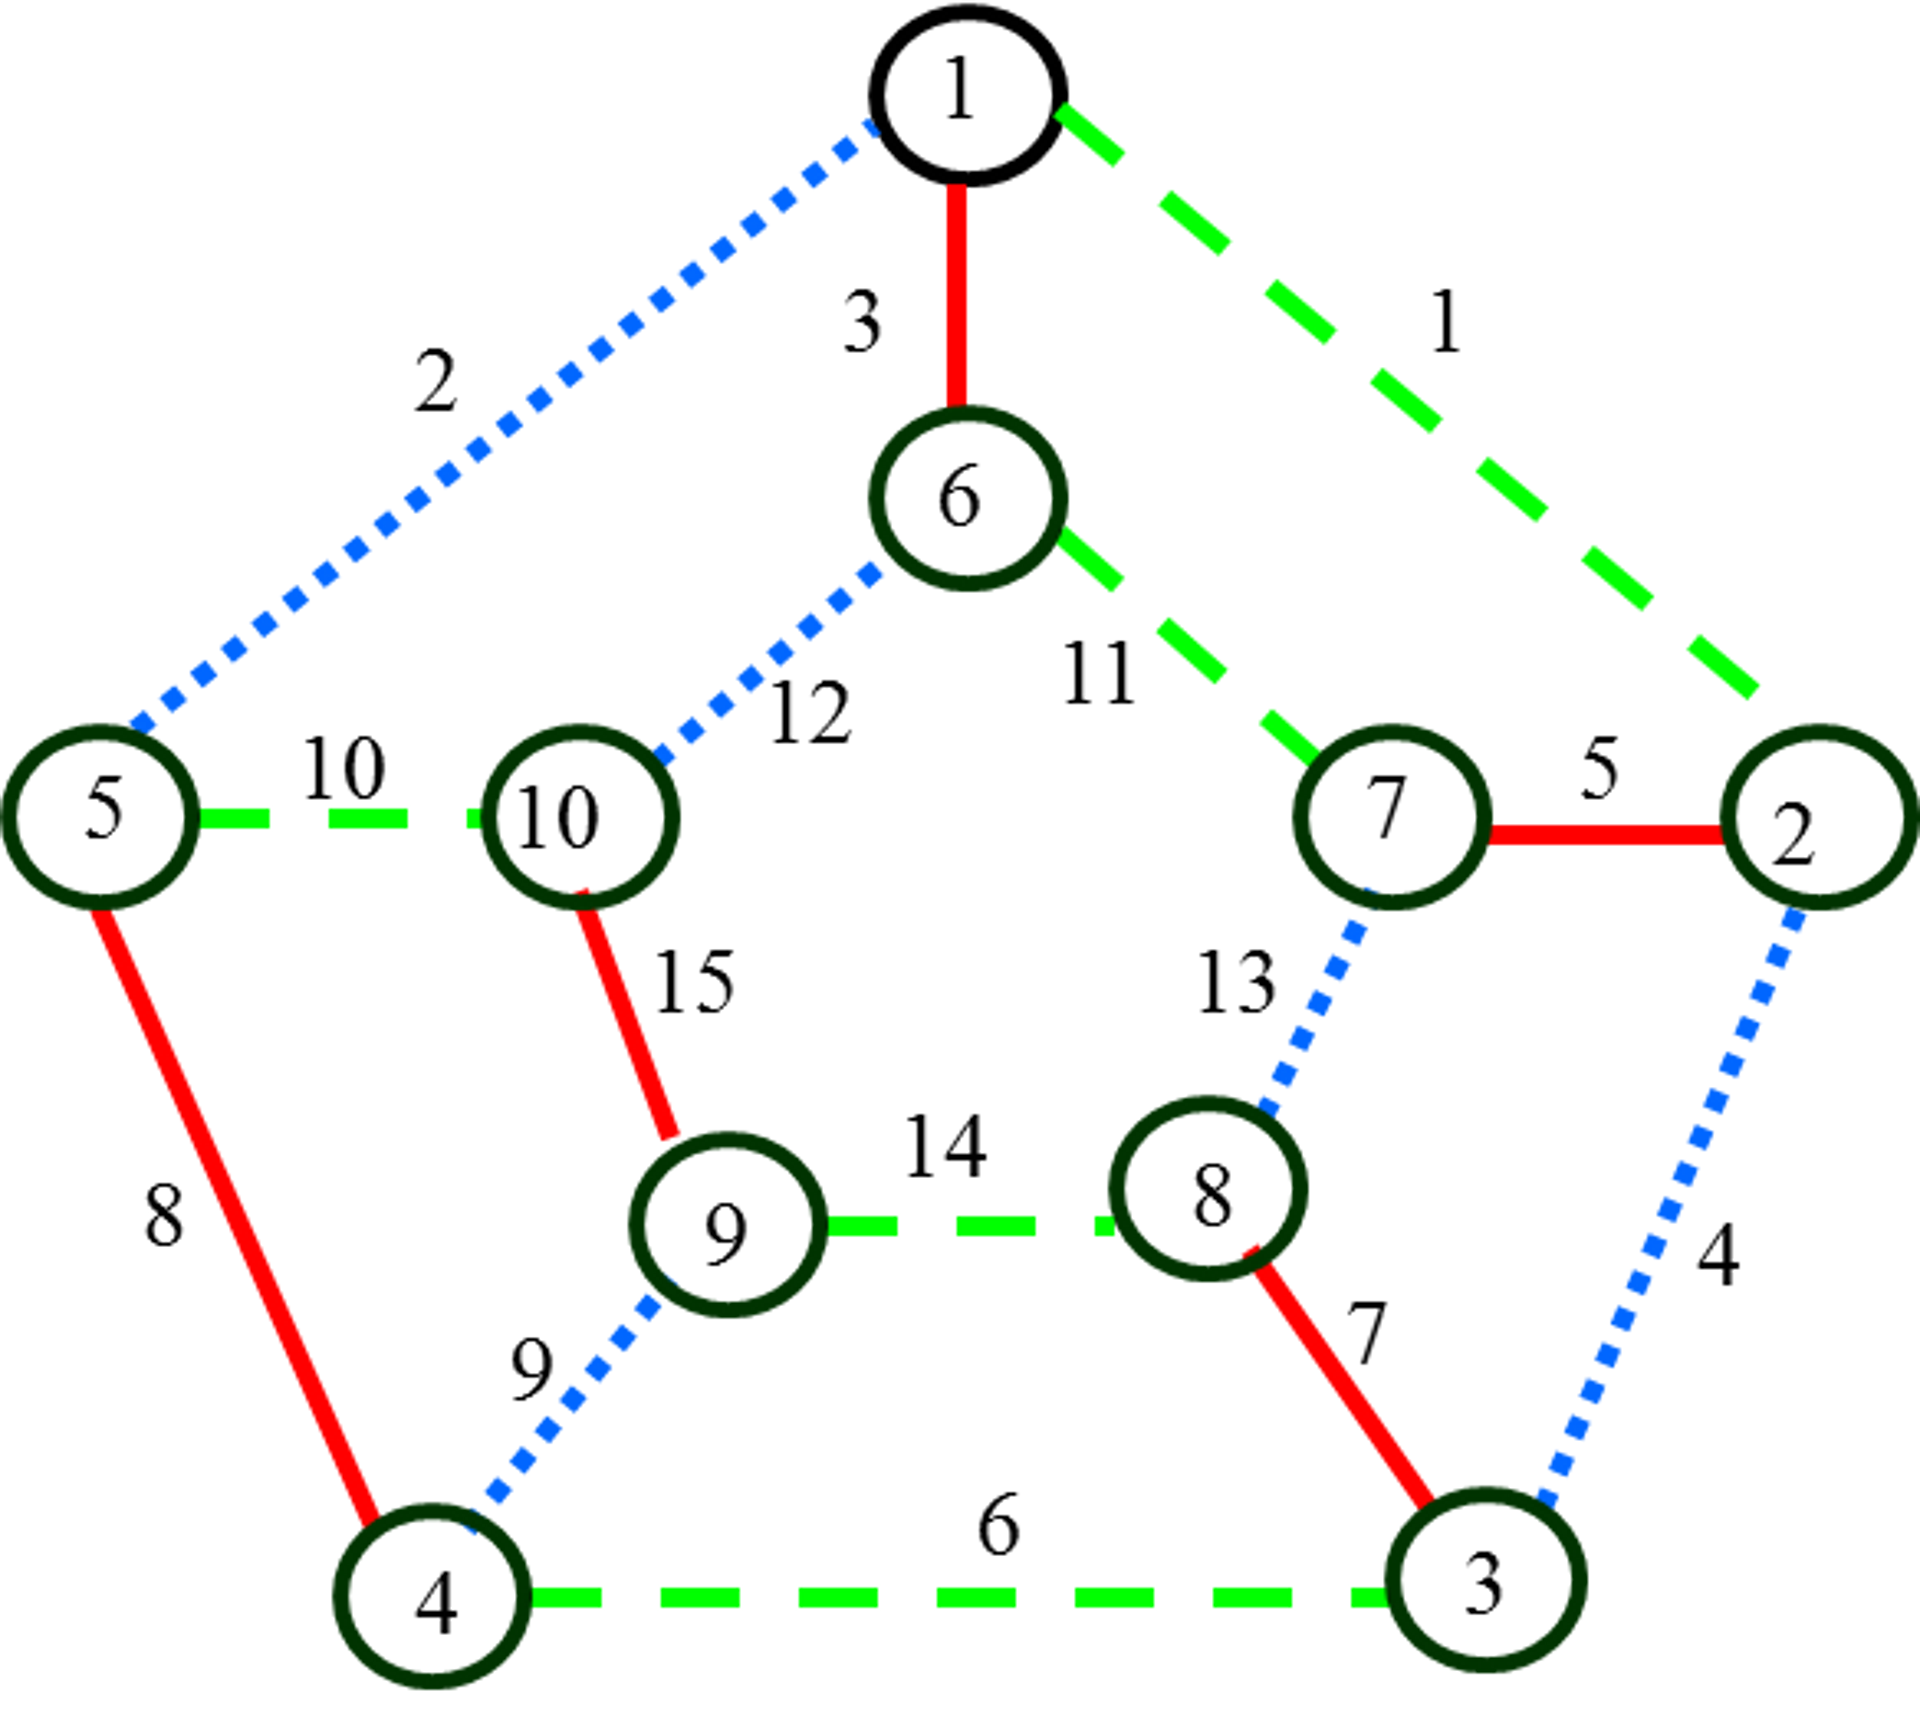 Визуальный алгоритм раскраски плоских графов